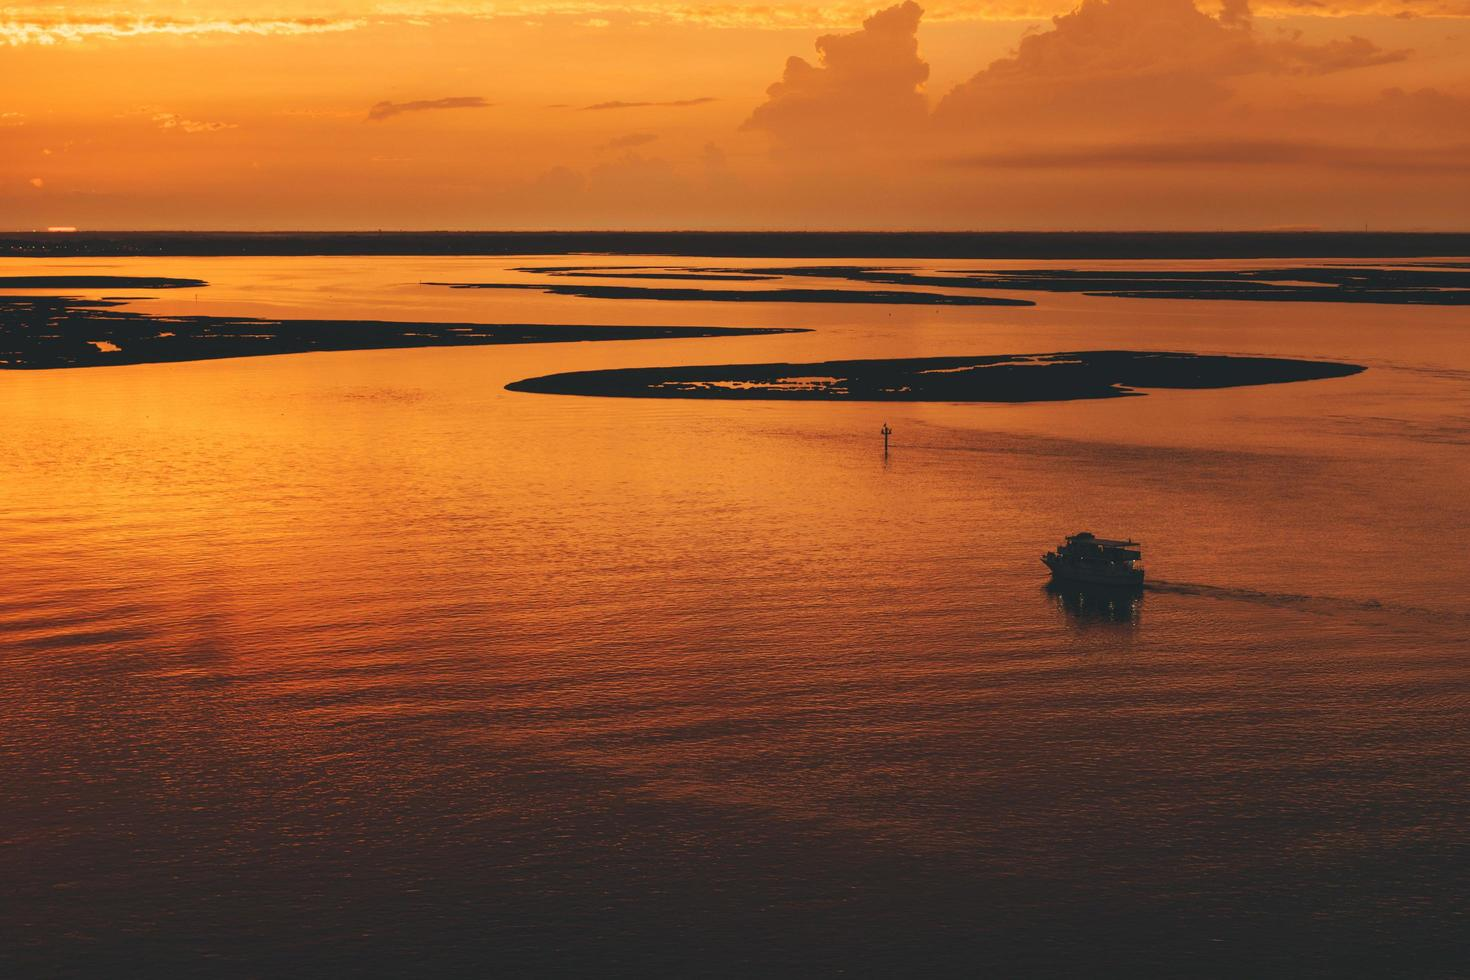 Luftbild von ruhigem Wasser in der Nähe von Inseln foto